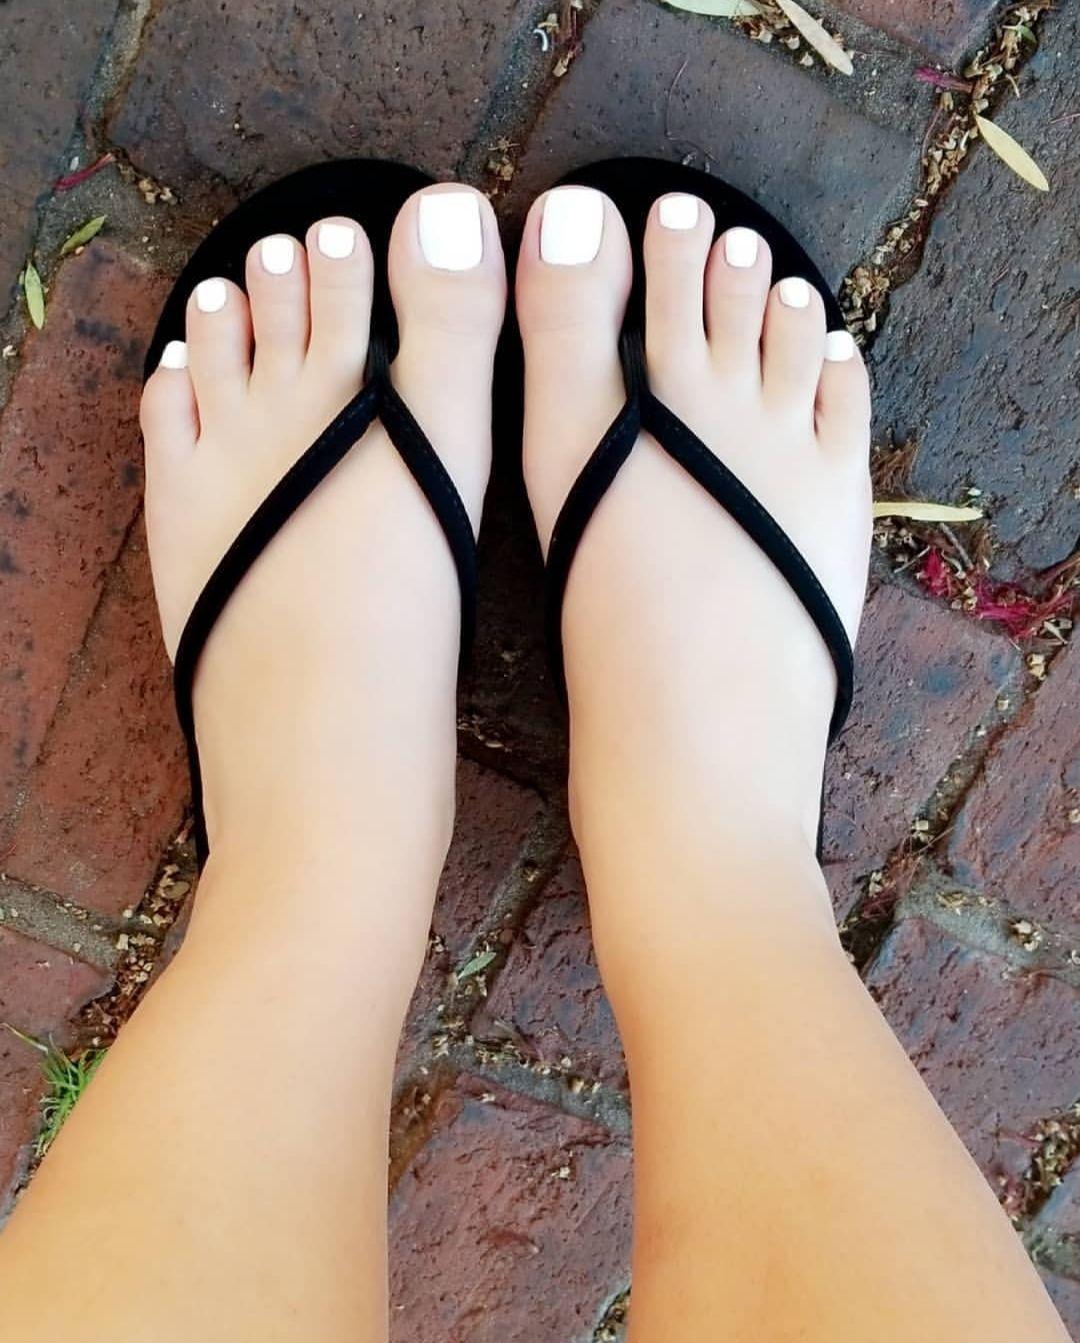 Girl S Feet Lover En 2020 Pies Hermosos De Mujer Dedos De Los Pies Pies De Mujer